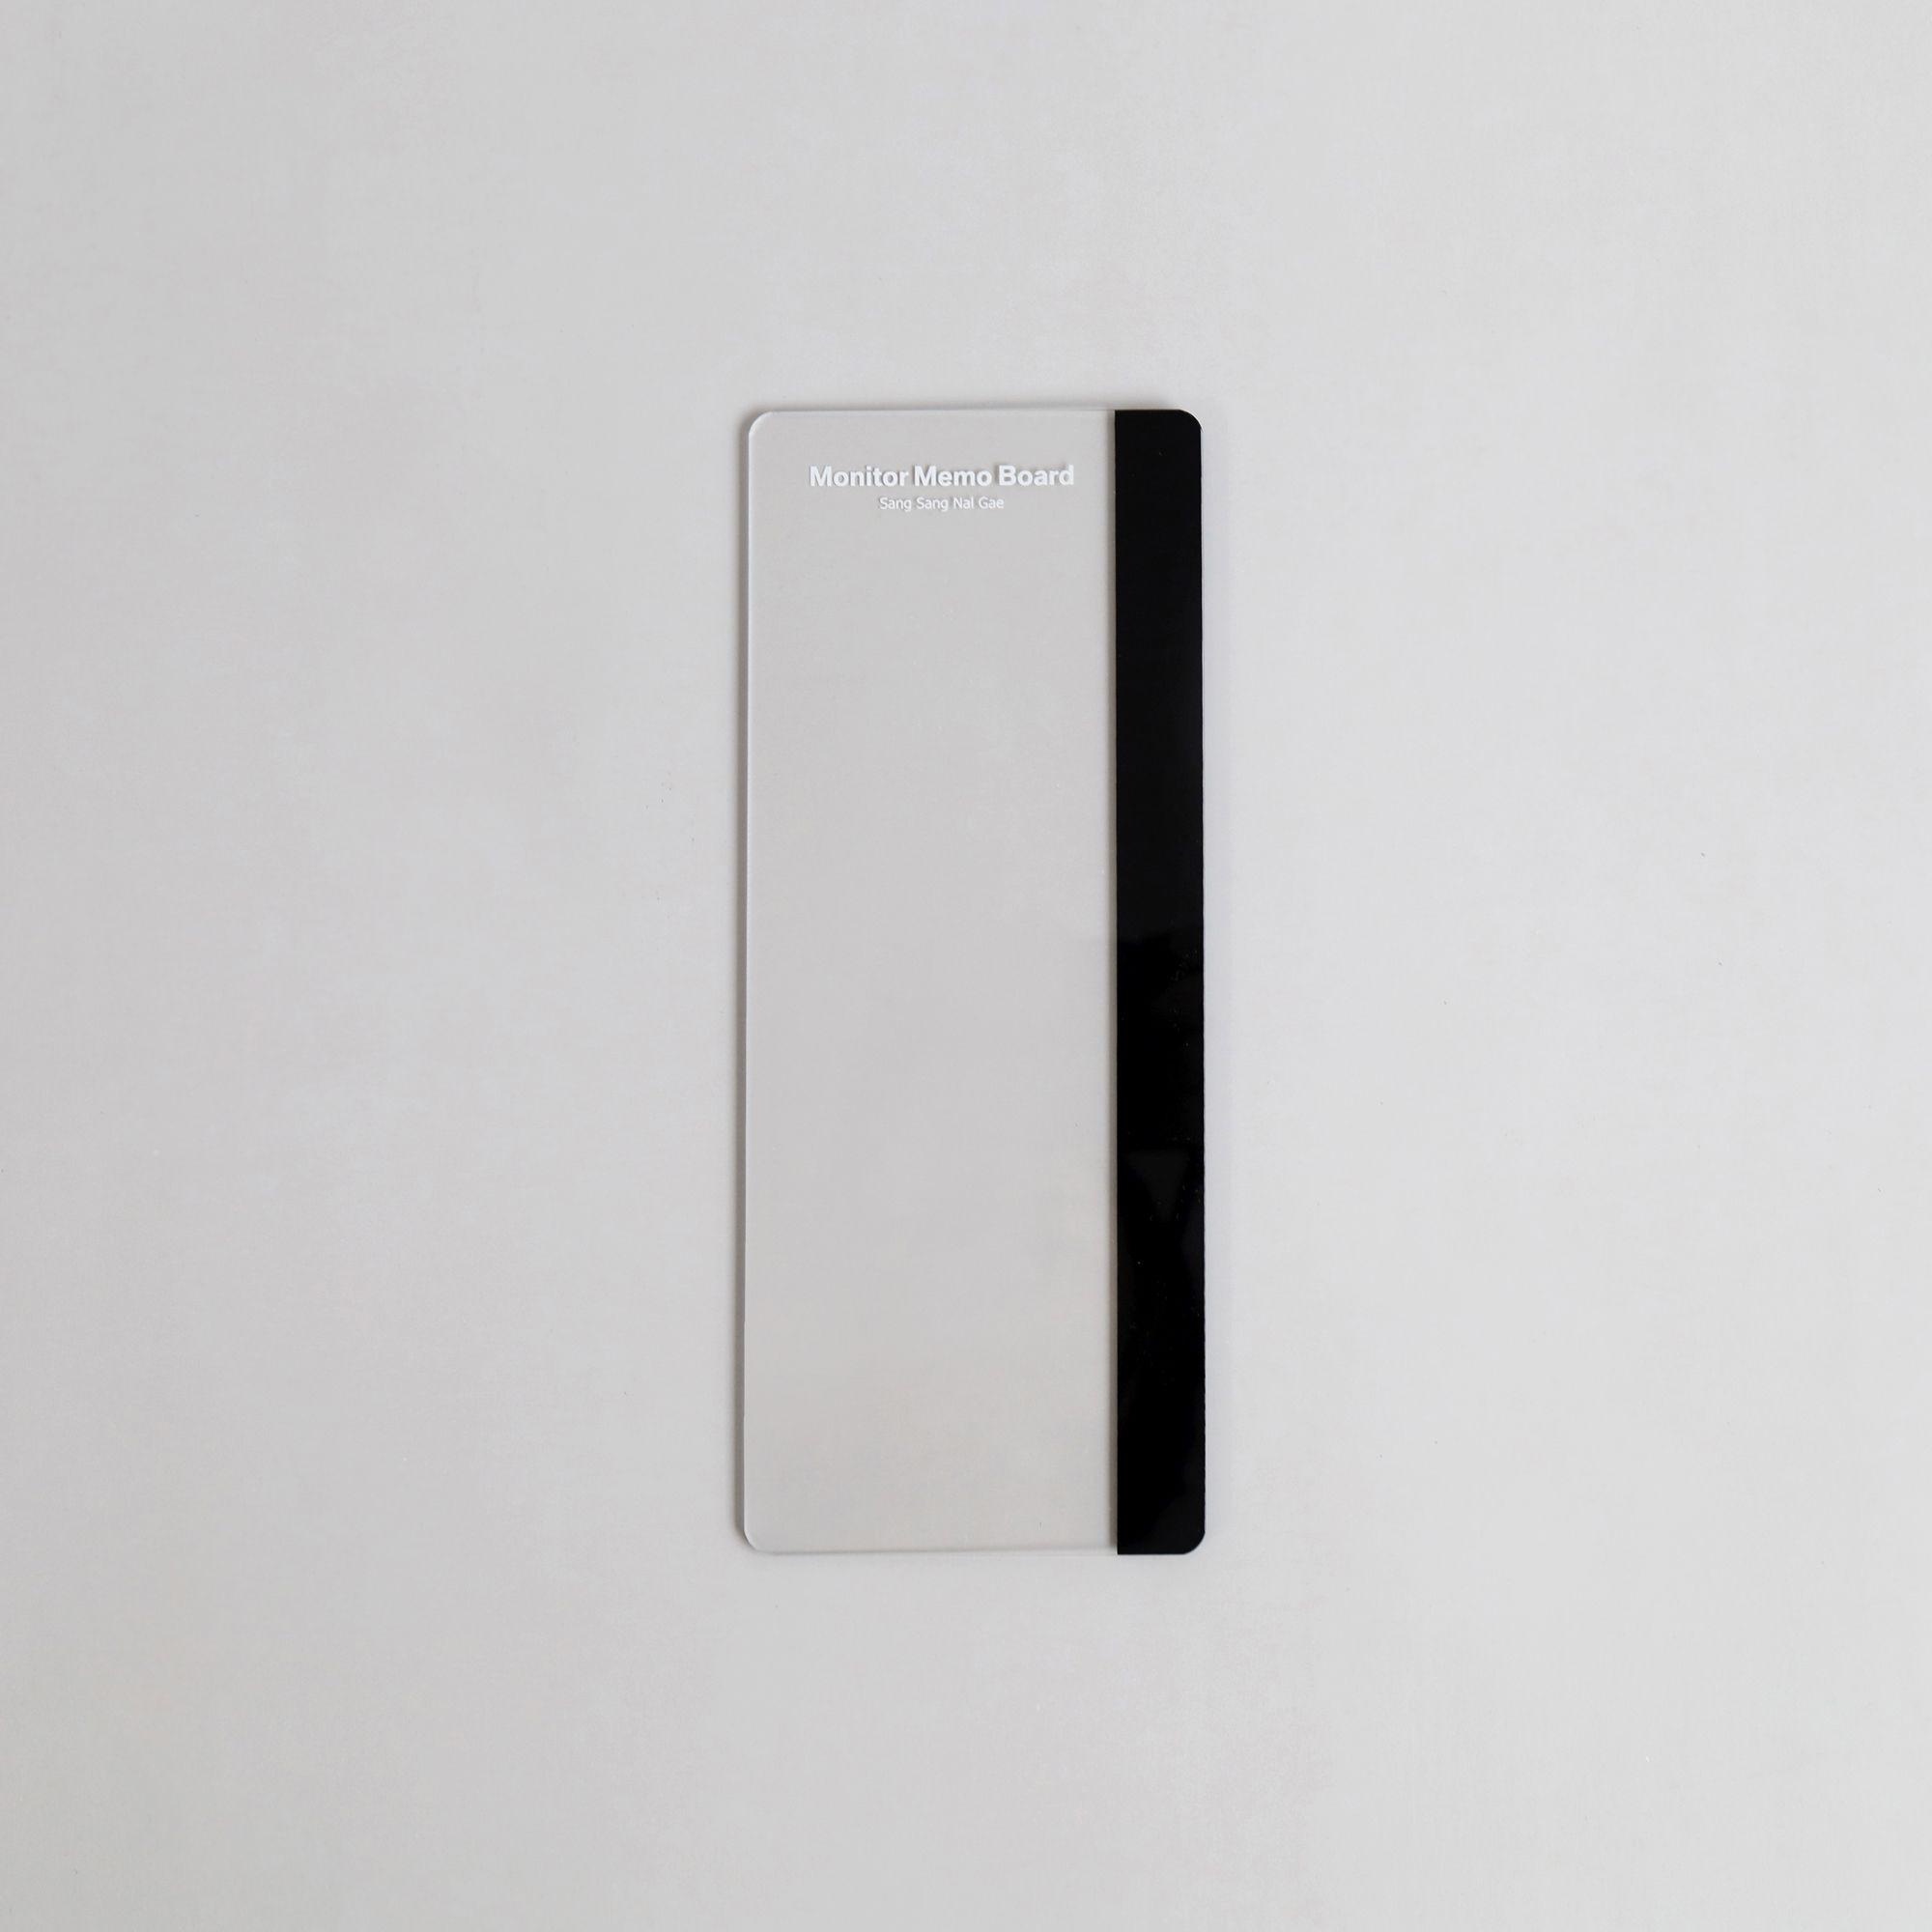 Transparent Monitor Memo Board